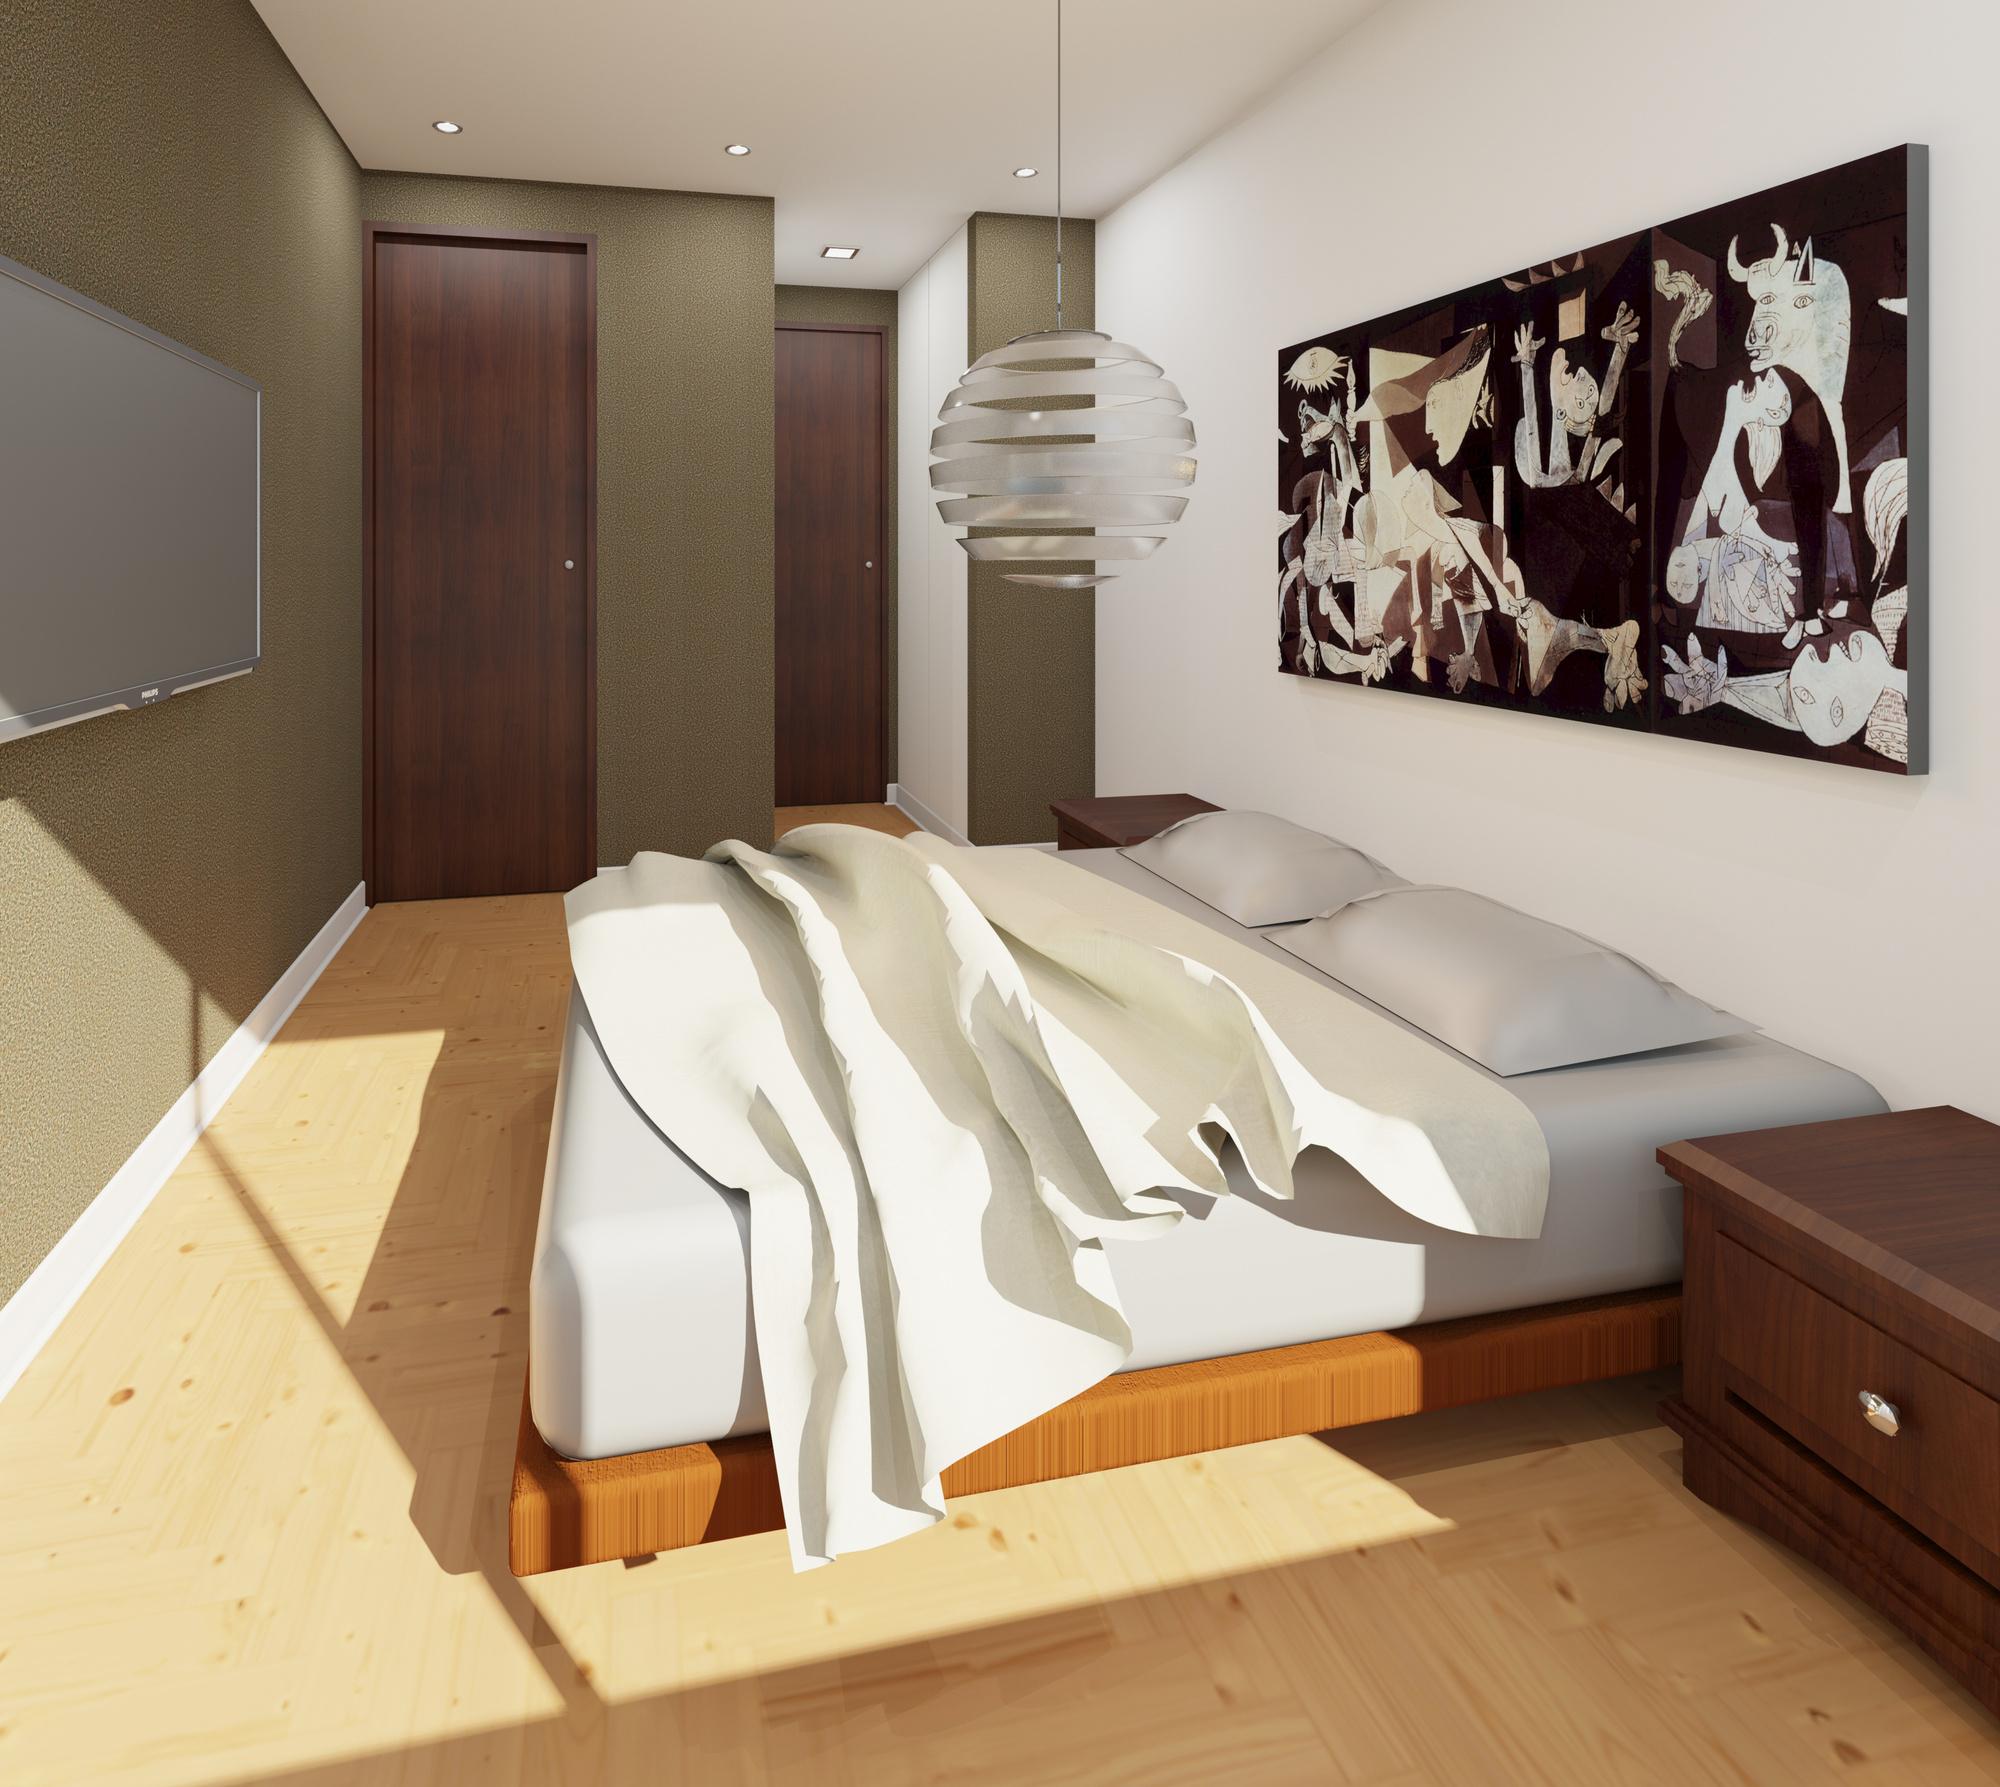 Raas-rendering20150429-25851-1i7h0v